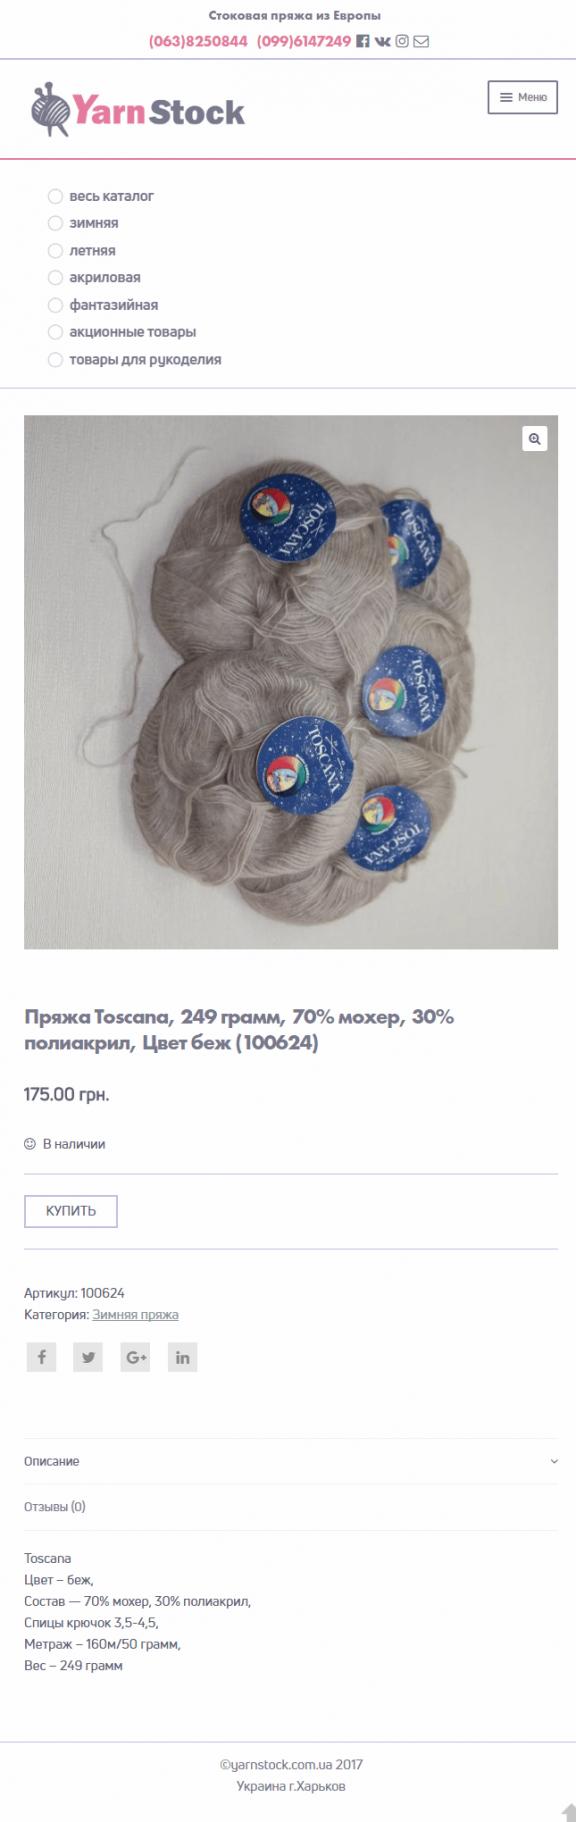 YarnStock-com-ua-09